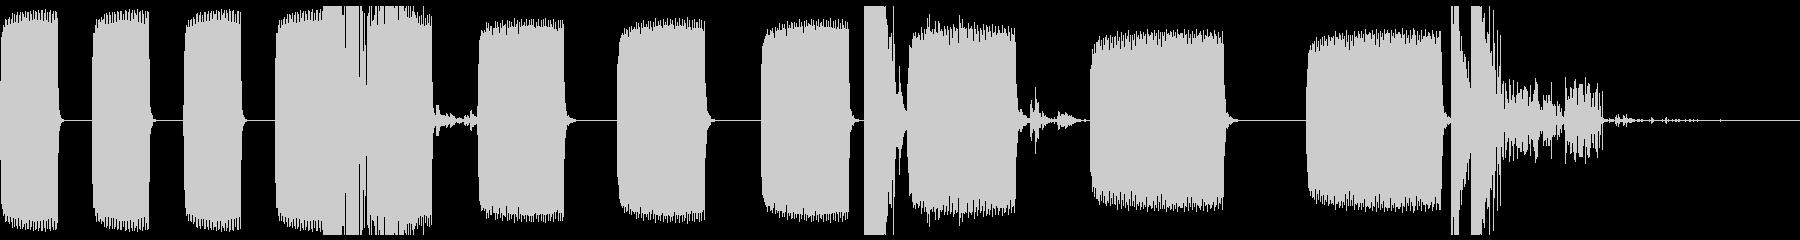 アラームクロック:電子音、ビープ音...の未再生の波形